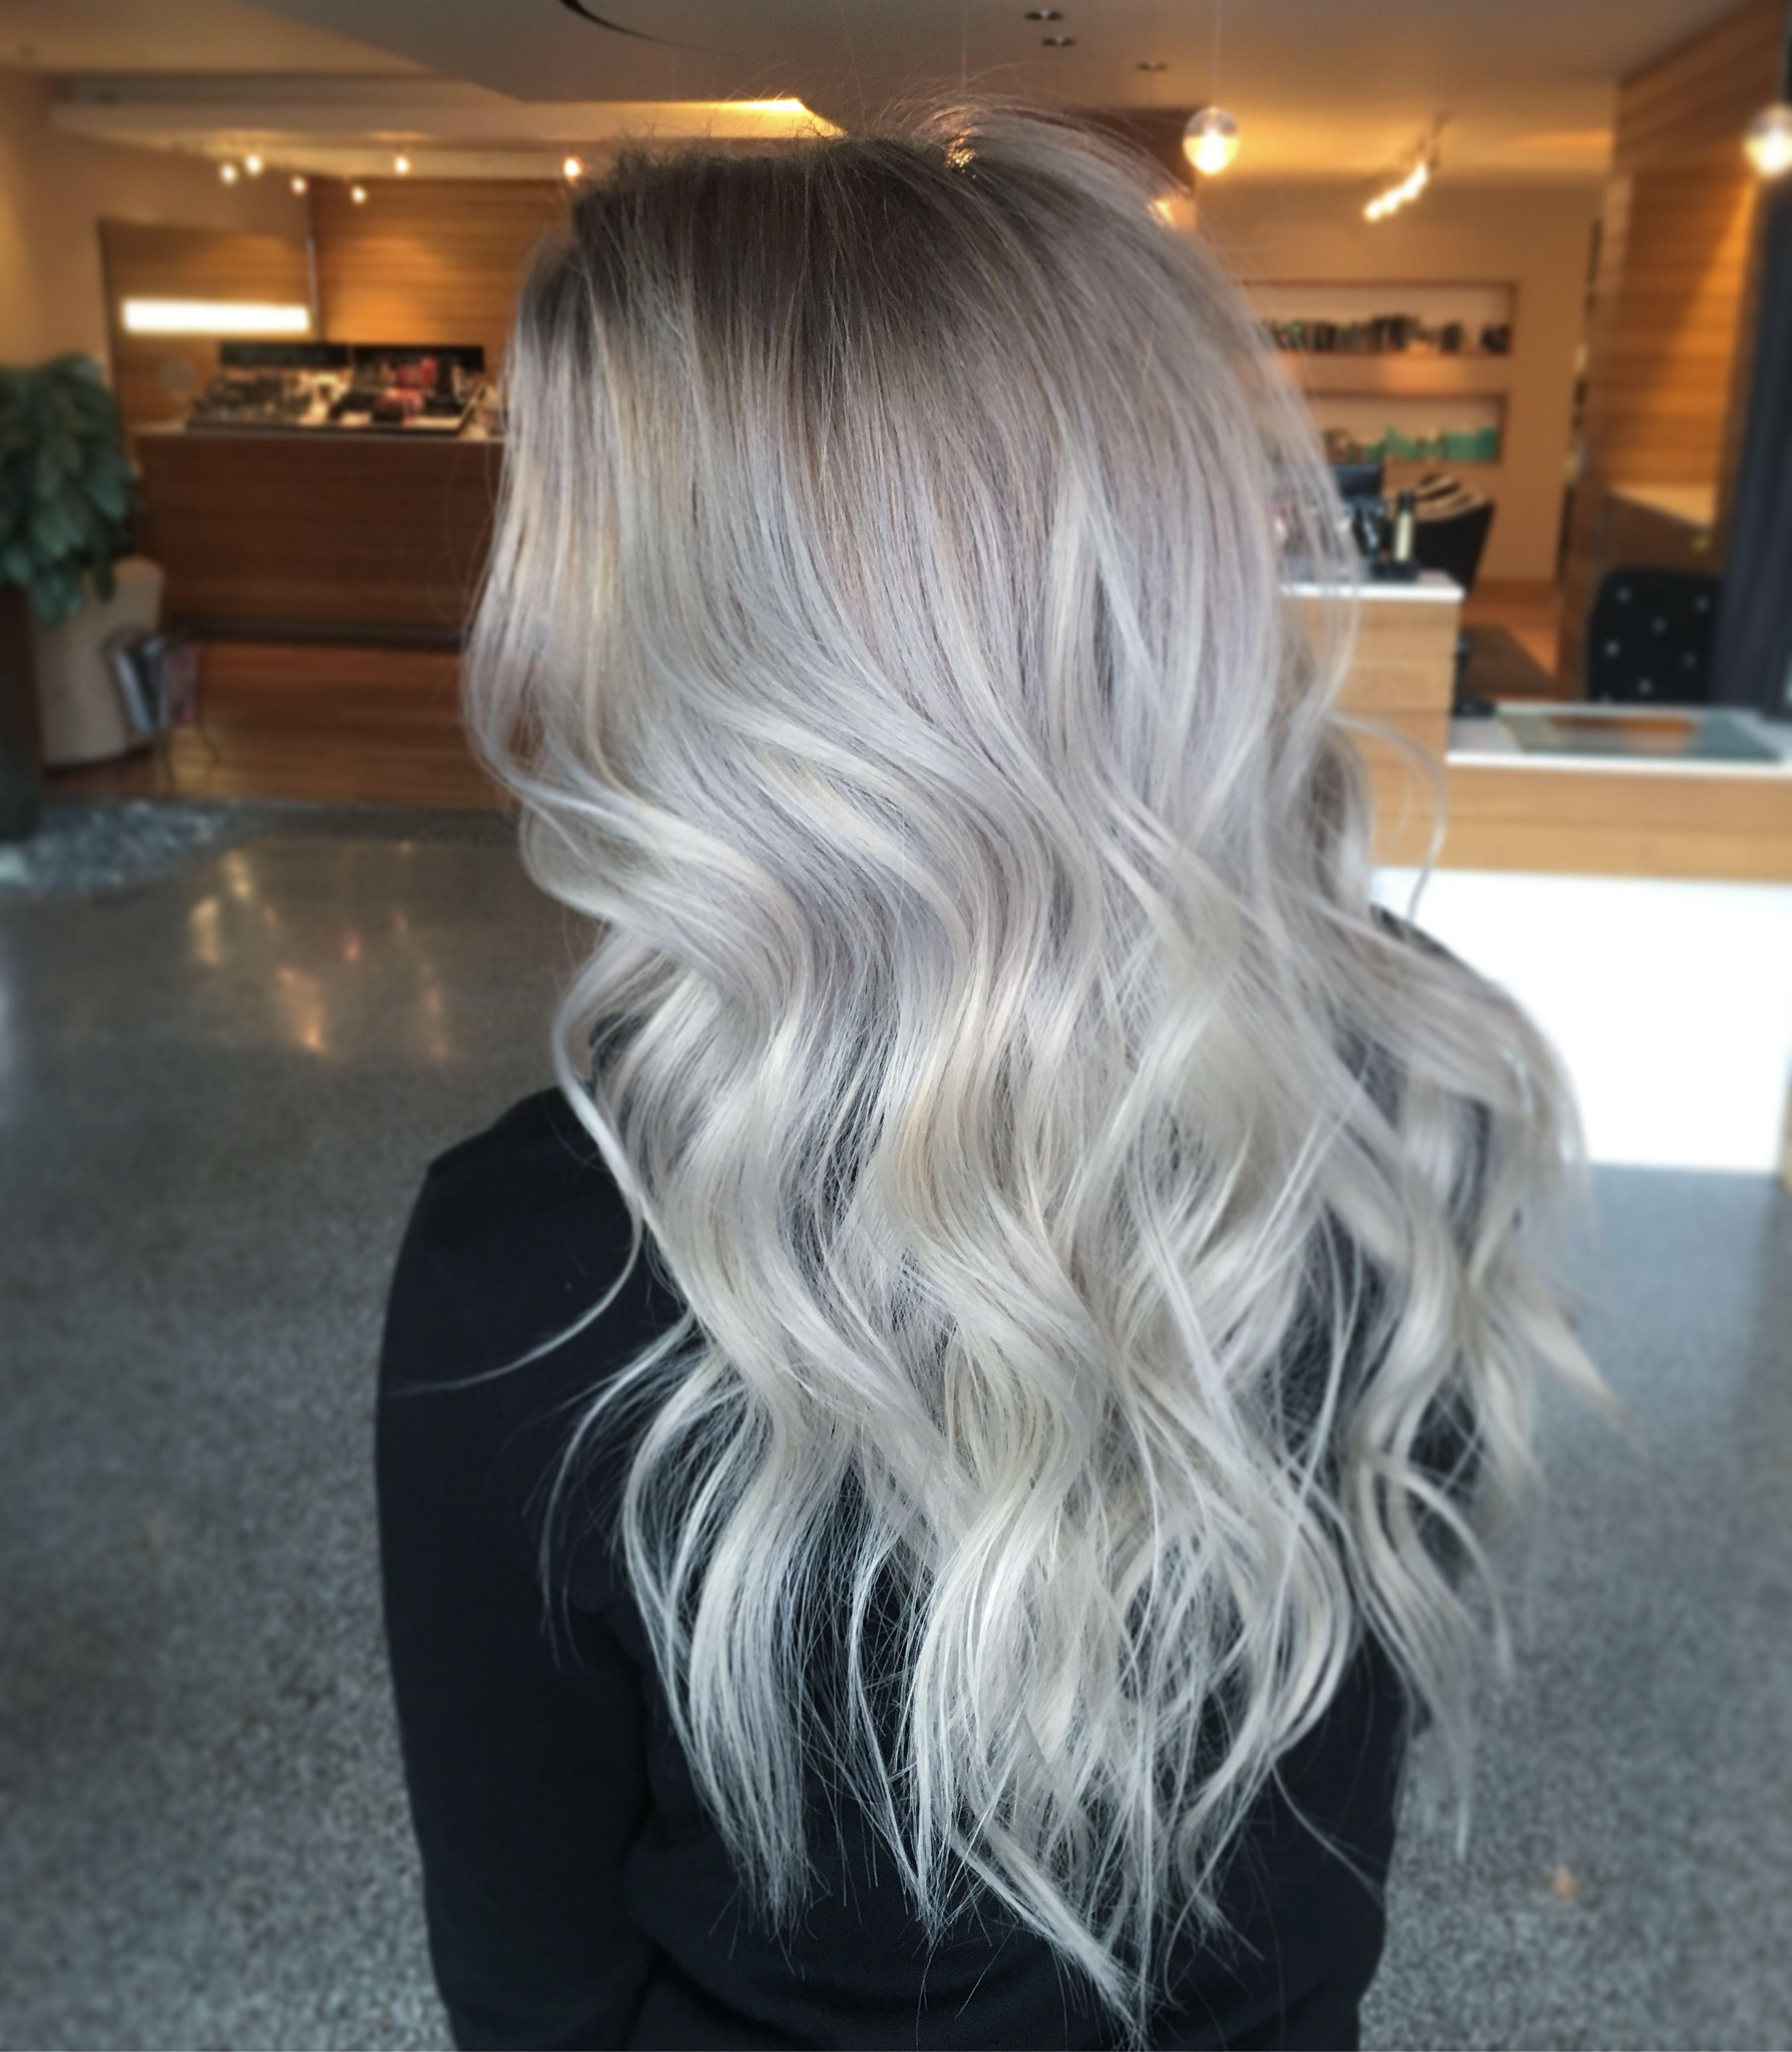 Silver blonde hair | Hair | Pinterest | Silver blonde hair ...